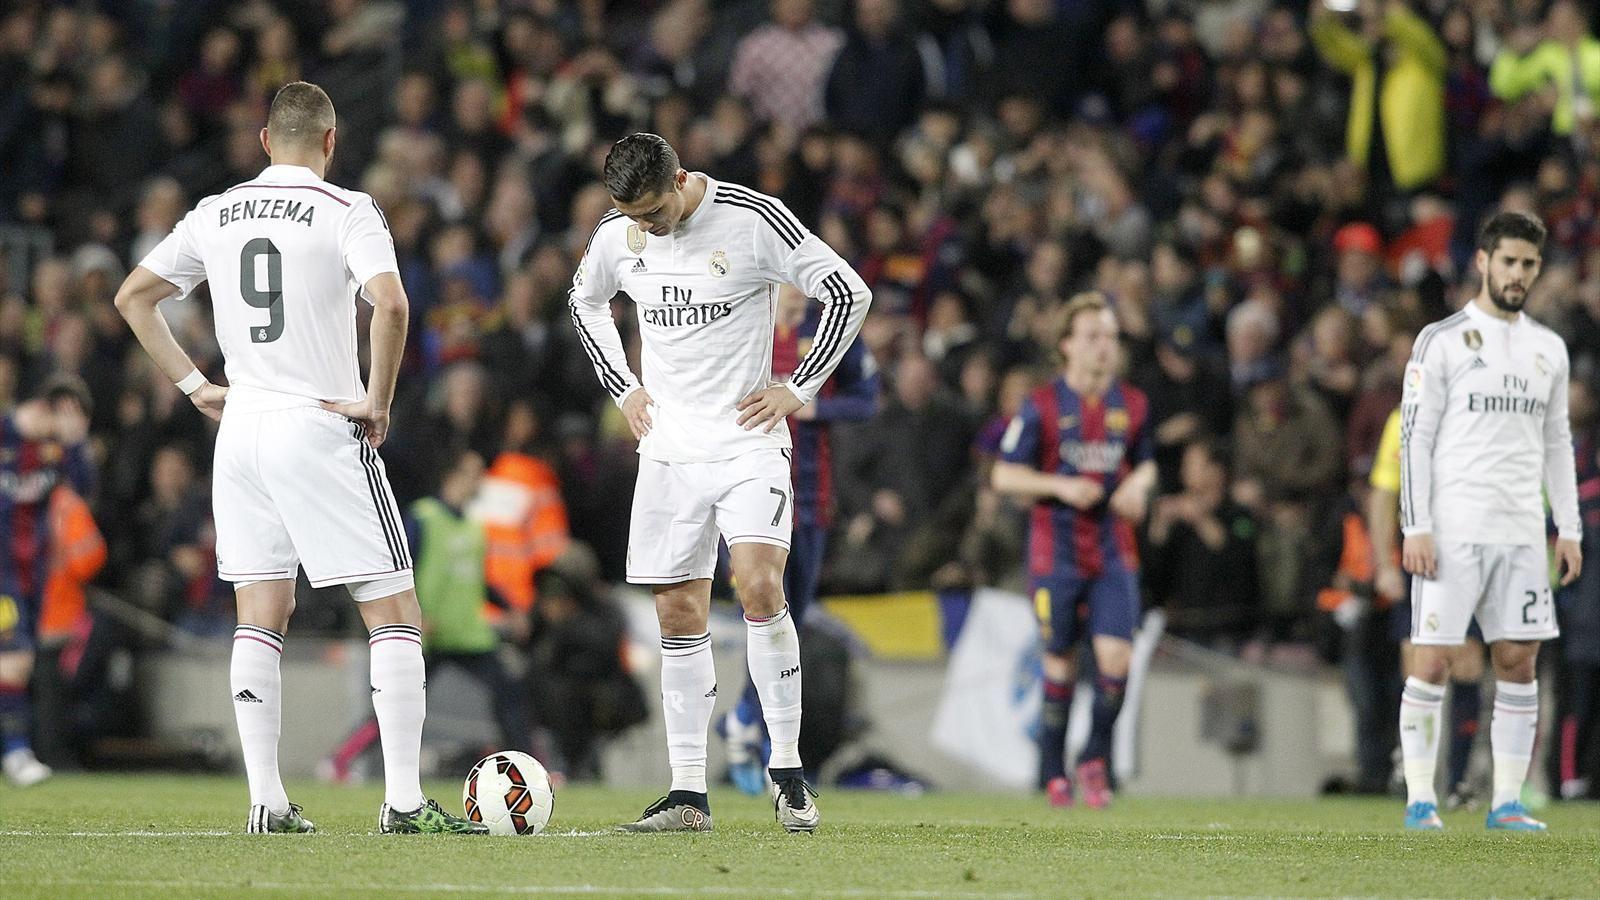 Spécial Messi et FCBarcelone (Part 2) - Page 10 1441668-30830270-1600-900